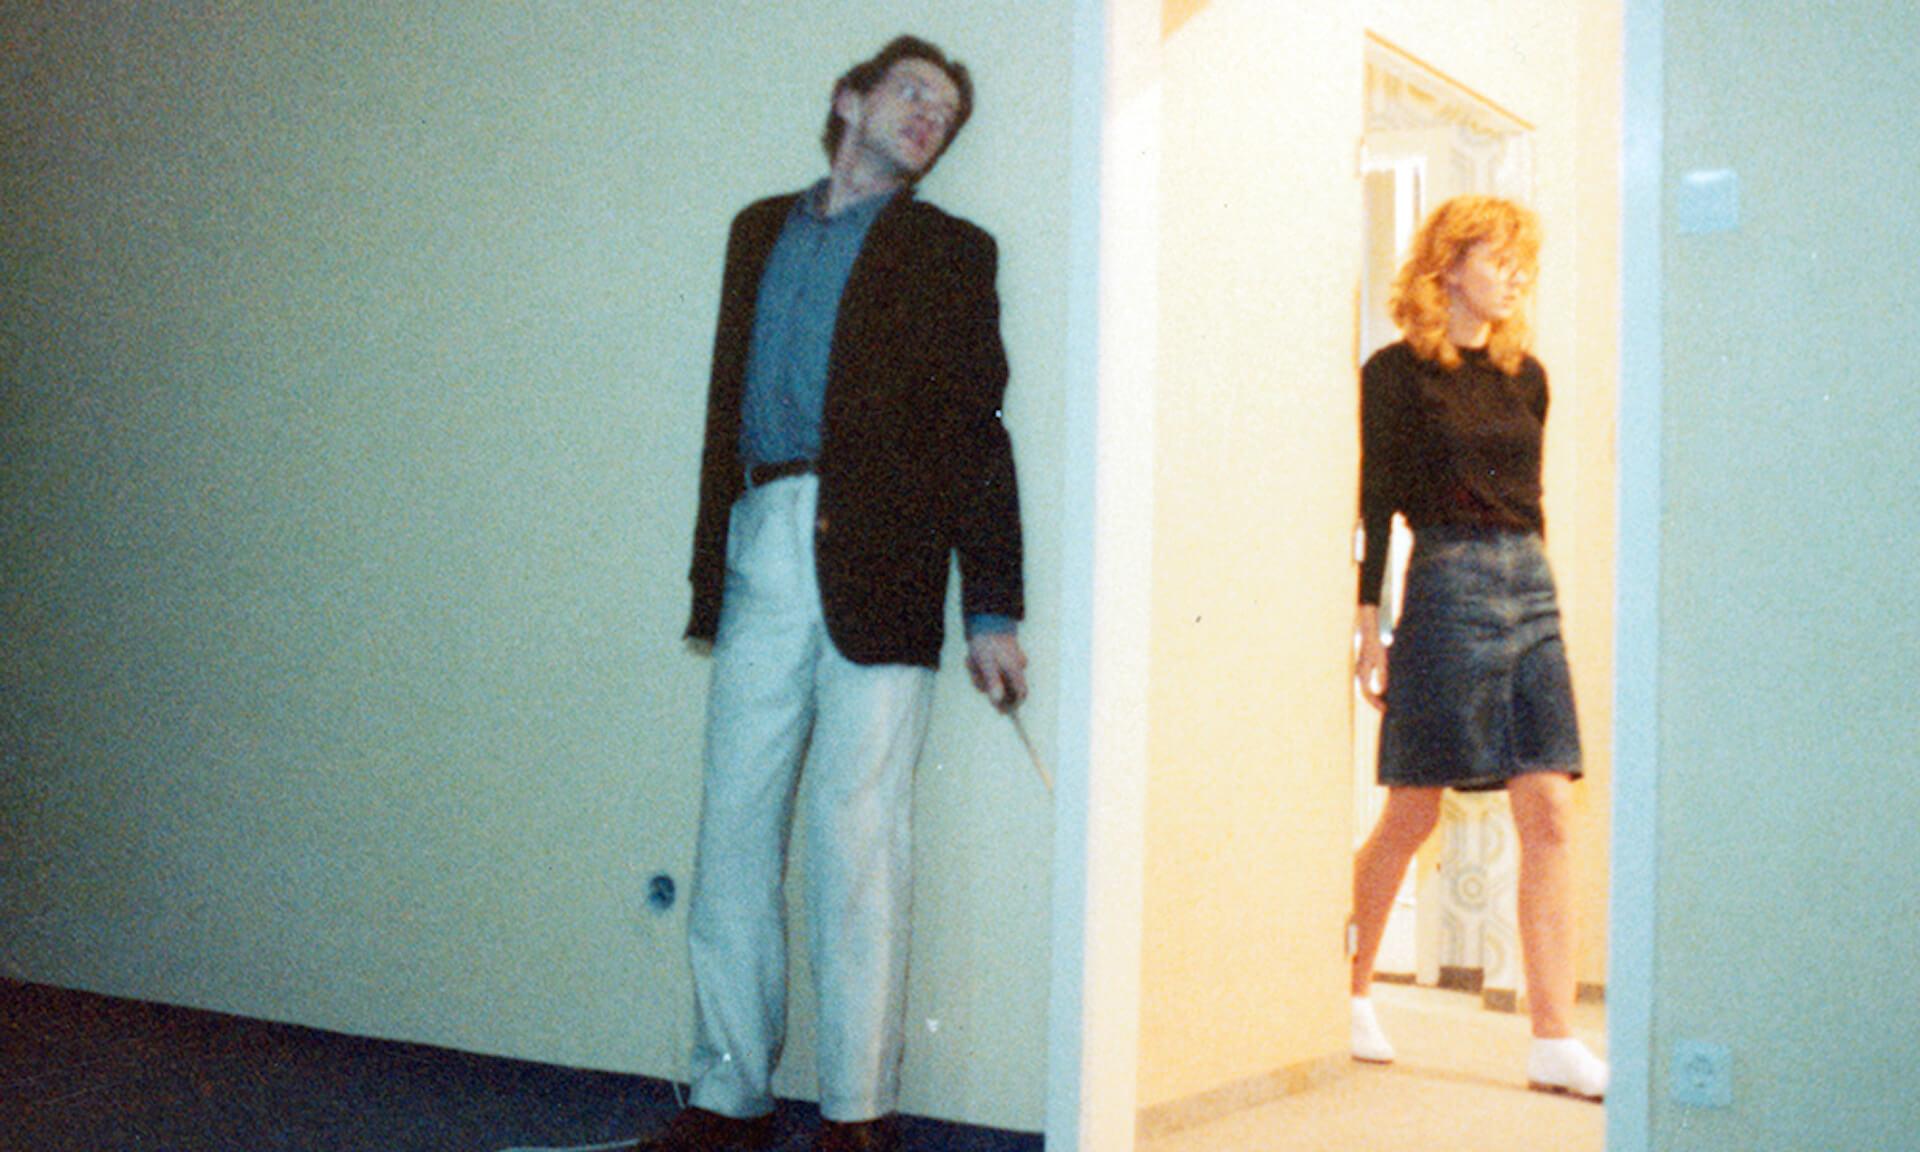 忍び寄る男が手にするものとは...話題沸騰の狂気的映画『アングスト/不安』の新場面写真&Web限定ビジュアルが解禁 film200609_angst_9